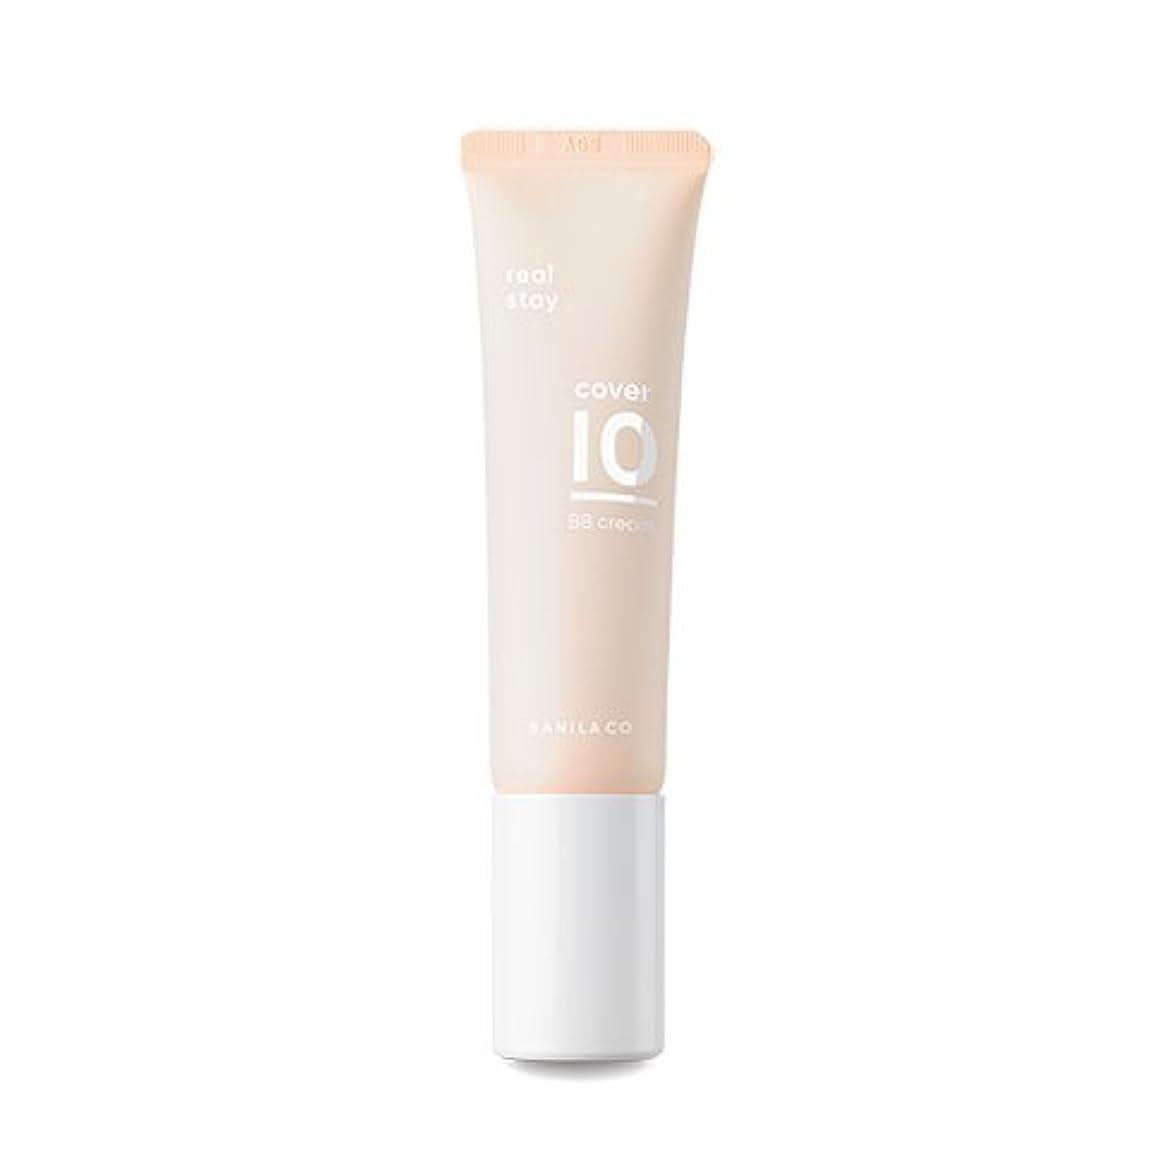 キャプテンブライピンク魅惑的な[Renewal] BANILA CO Cover 10 Real Stay BB Cream 30ml/バニラコ カバー 10 リアル ステイ BBクリーム 30ml (#Natural Beige) [並行輸入品]